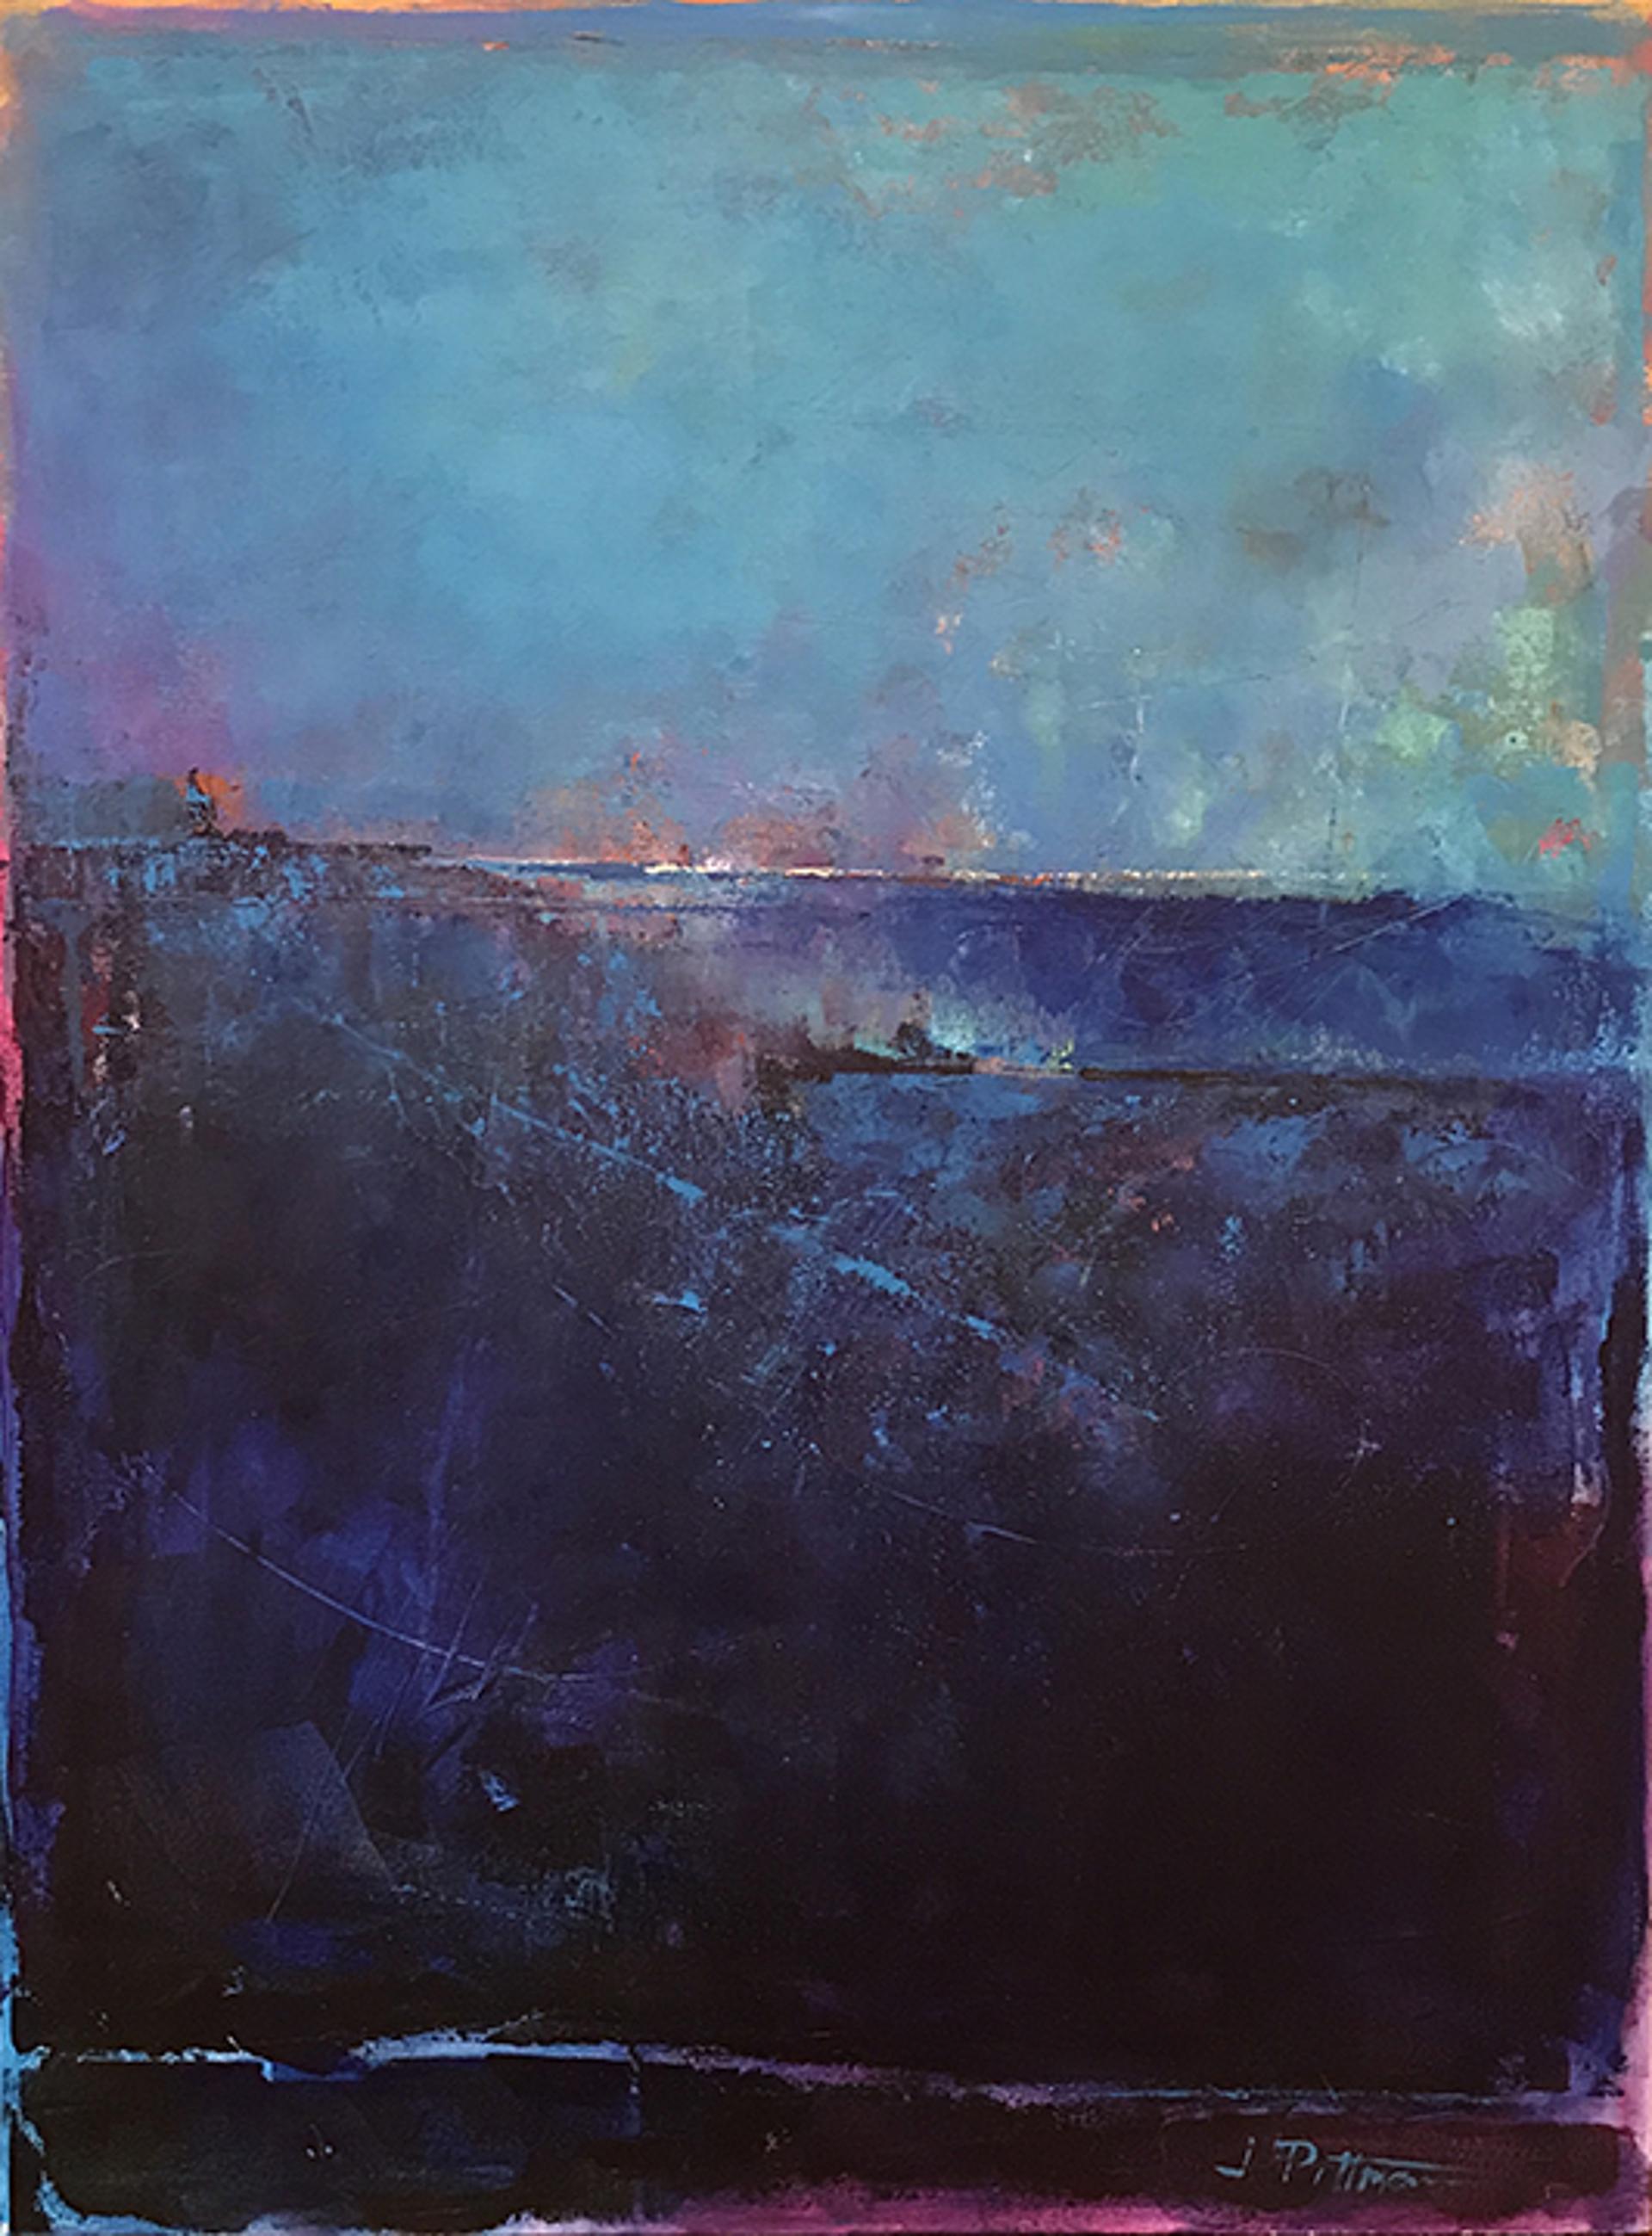 Southern Ocean 5 by Jim Pittman